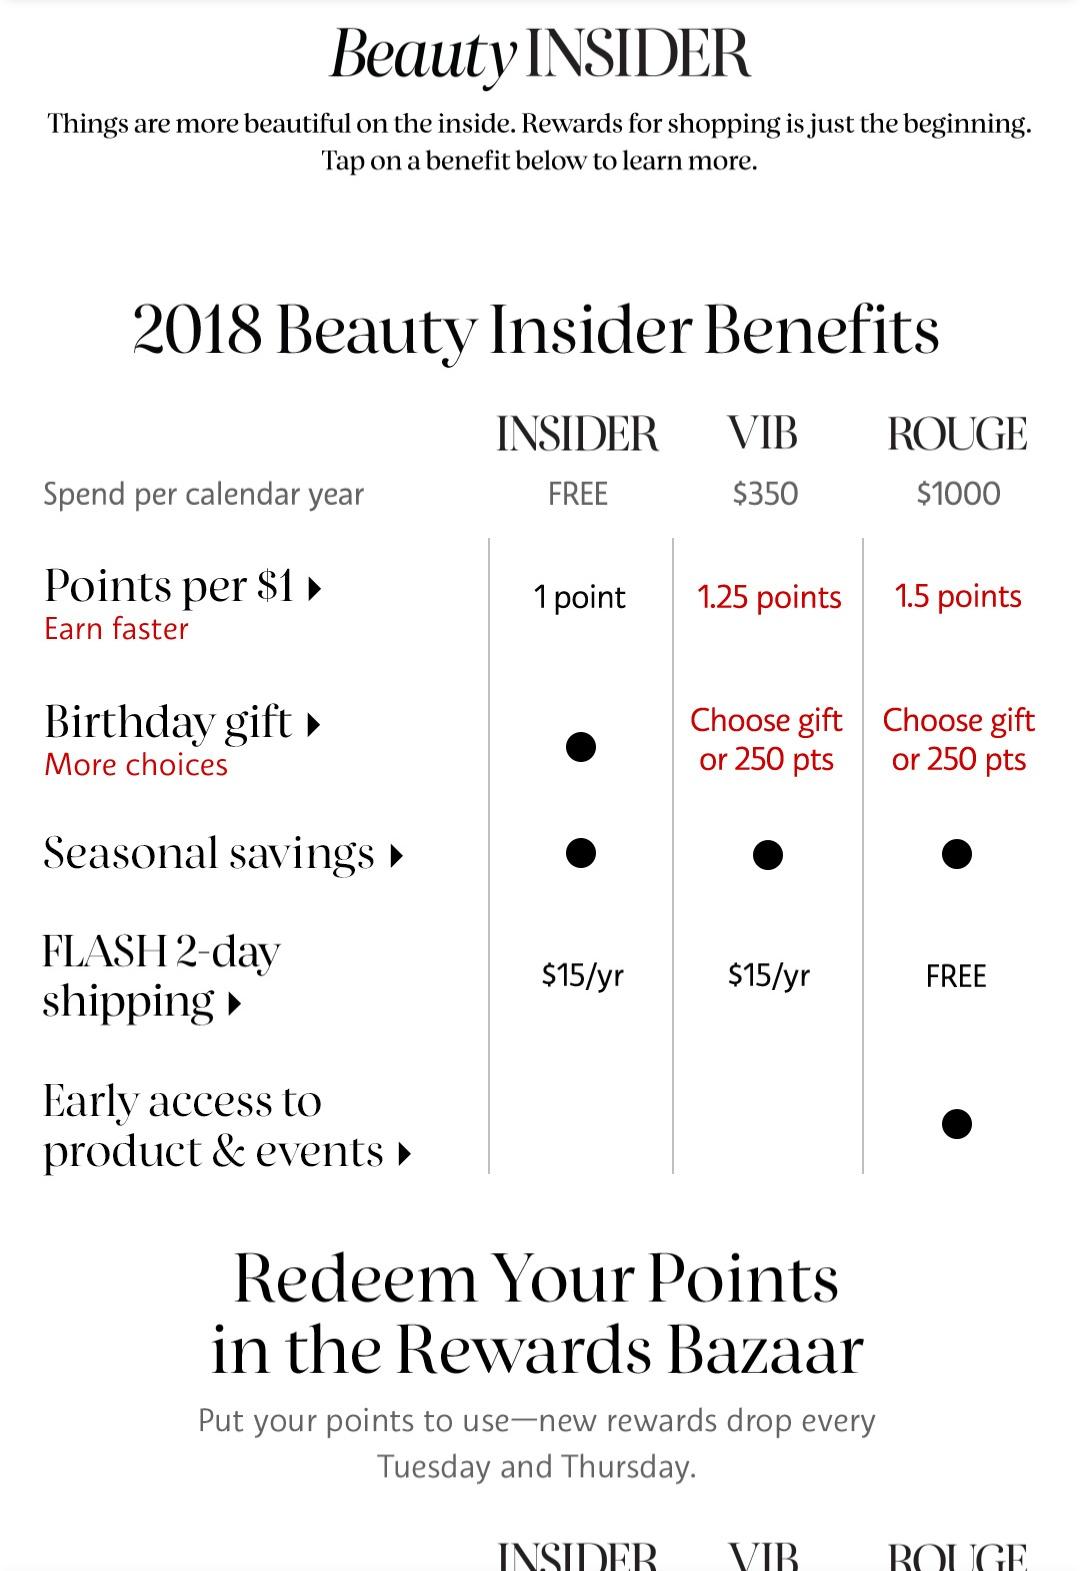 Sephora Beauty Insider Appreciation Event!